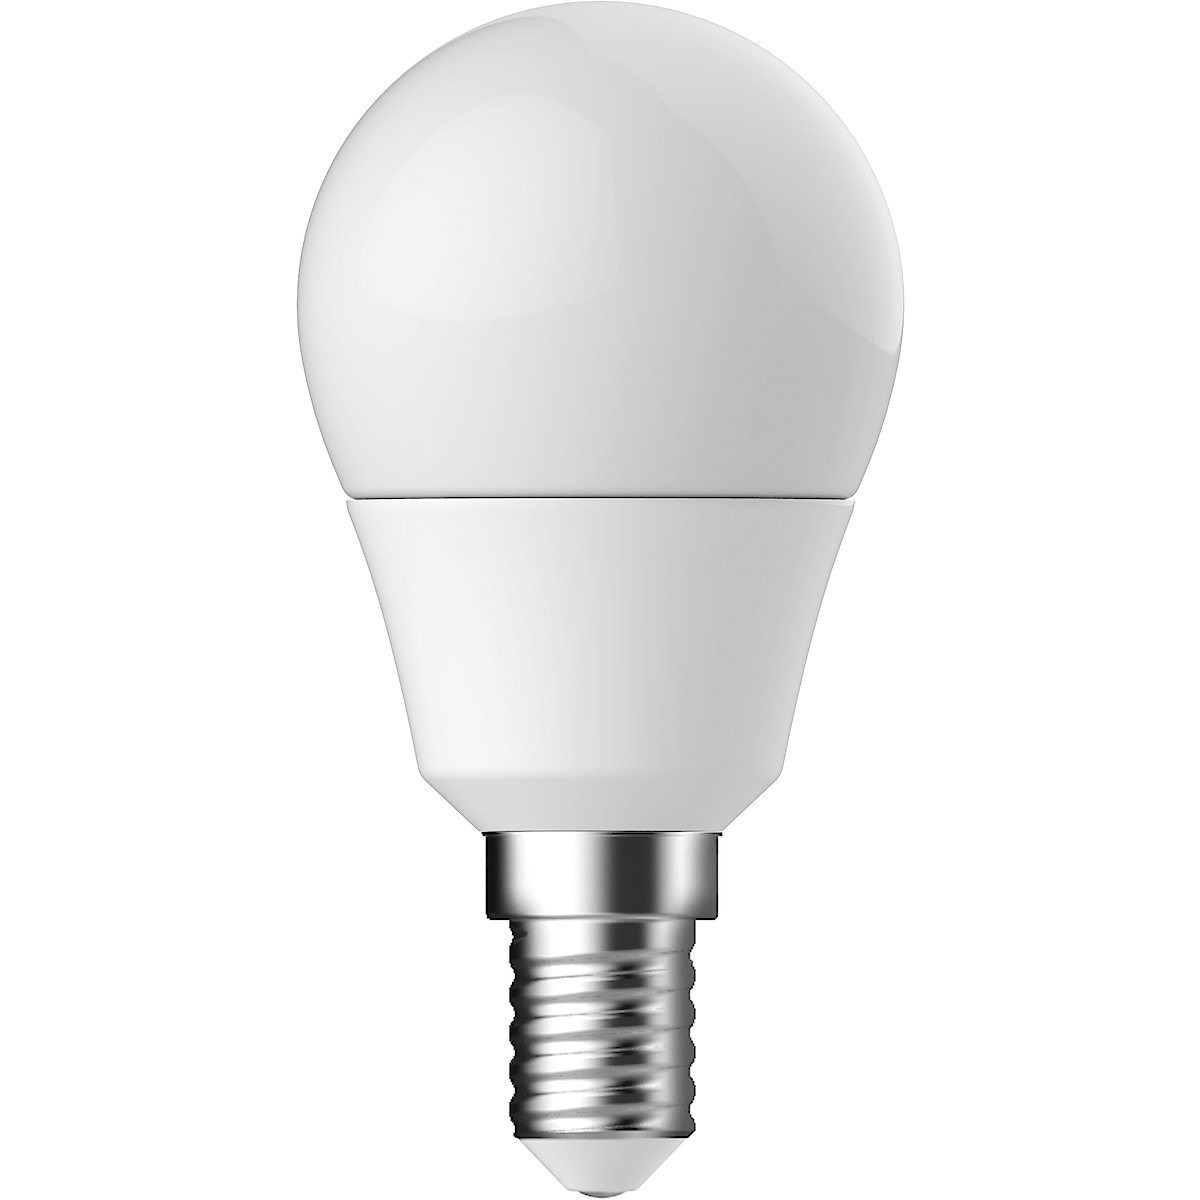 Klotlampa LED E14 Clas Ohlson